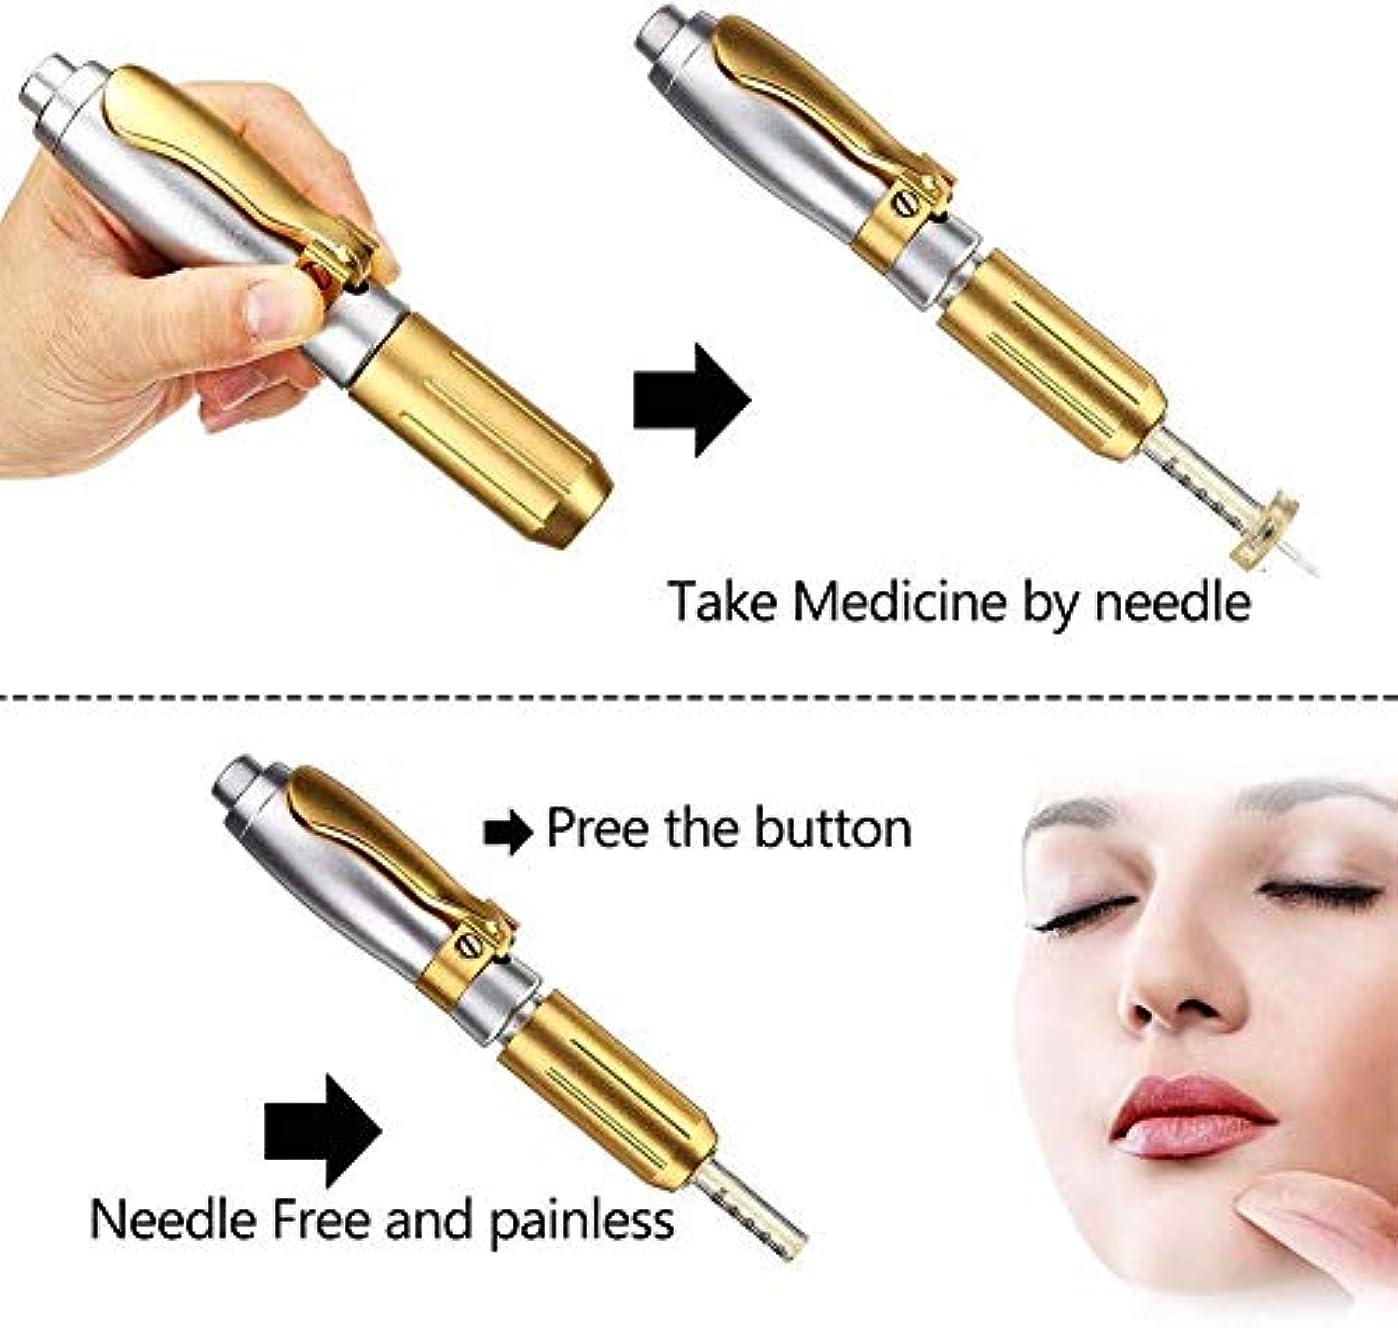 単調なプラカード脅迫ヒアルロンペンスキンケアマシン針なしのヒアルロン注射ペンしわの除去水インジェクターアトマイザー肌の若返り